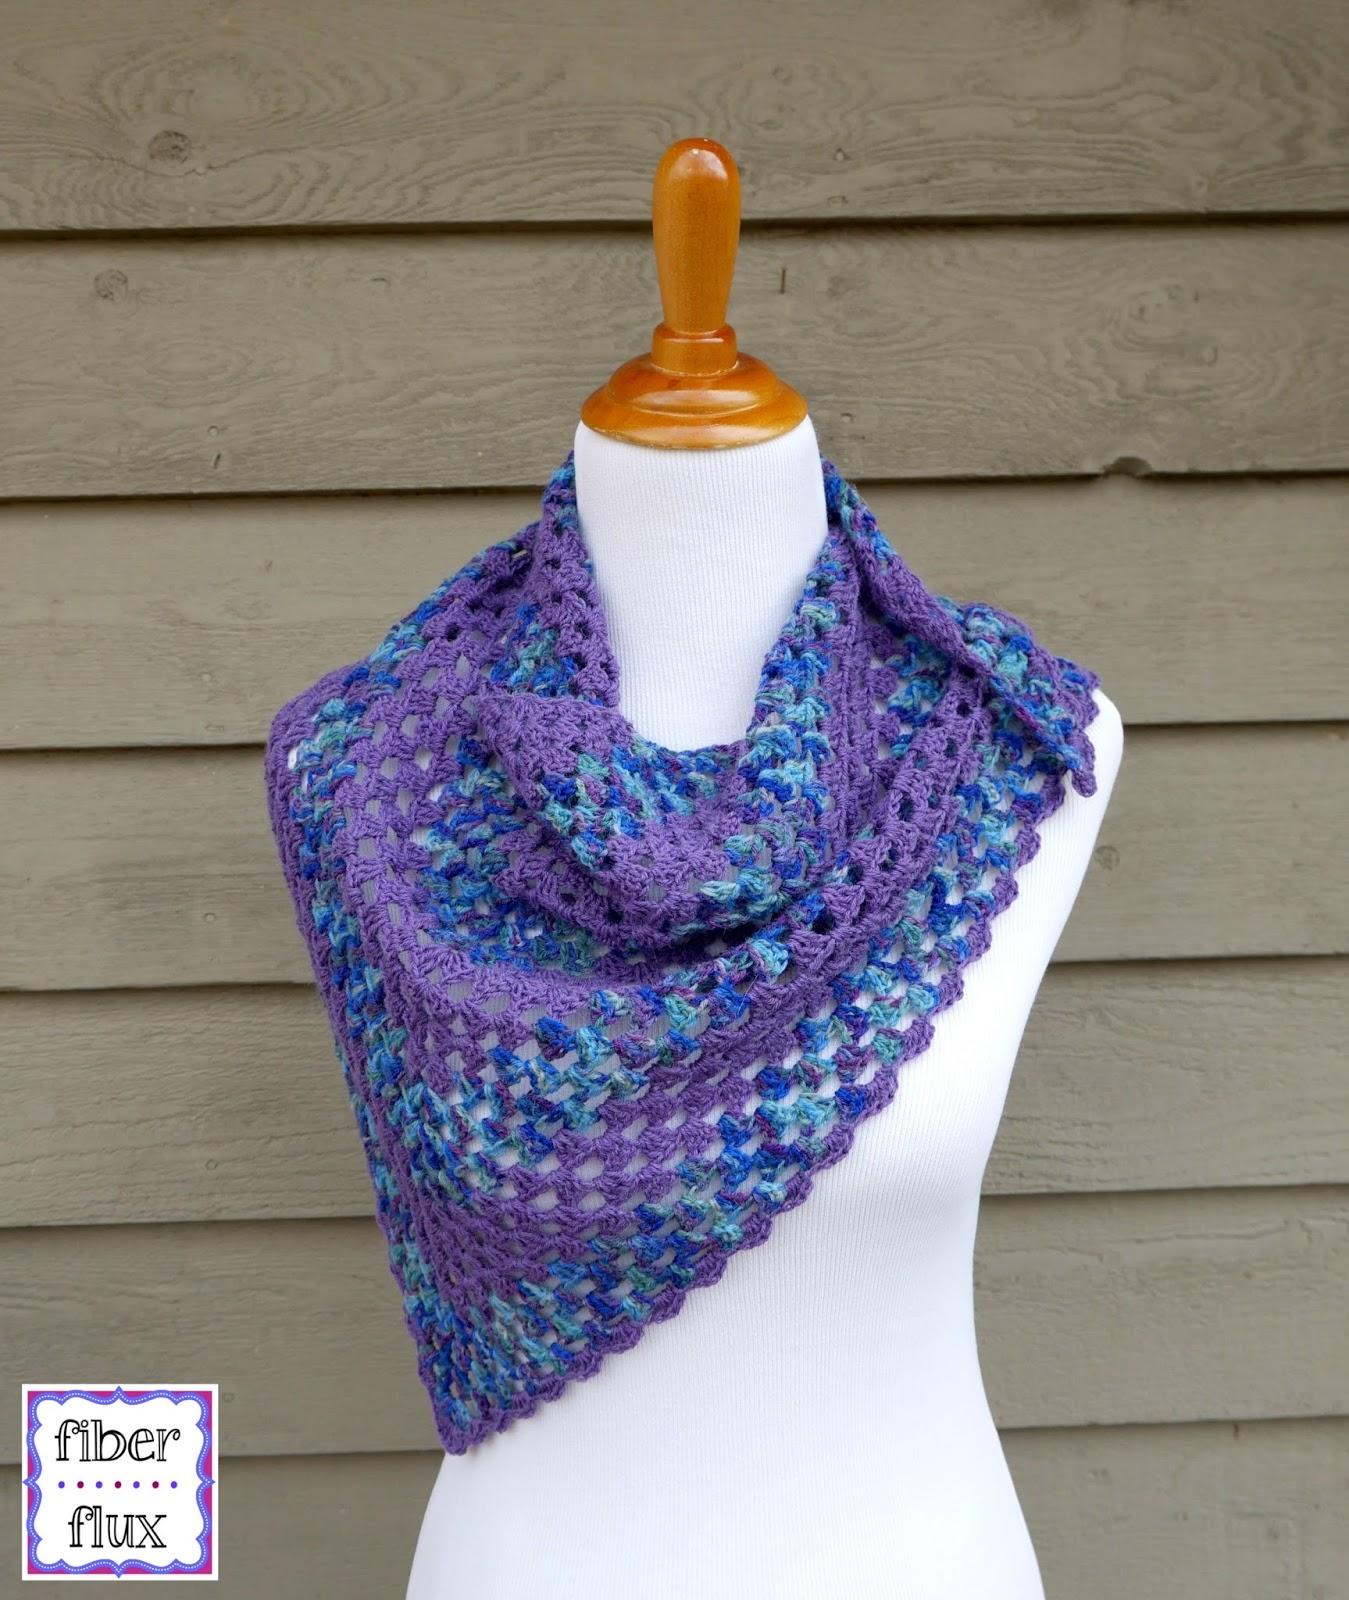 Fiber Flux: Free Crochet Pattern...Larkspur Shawlette!